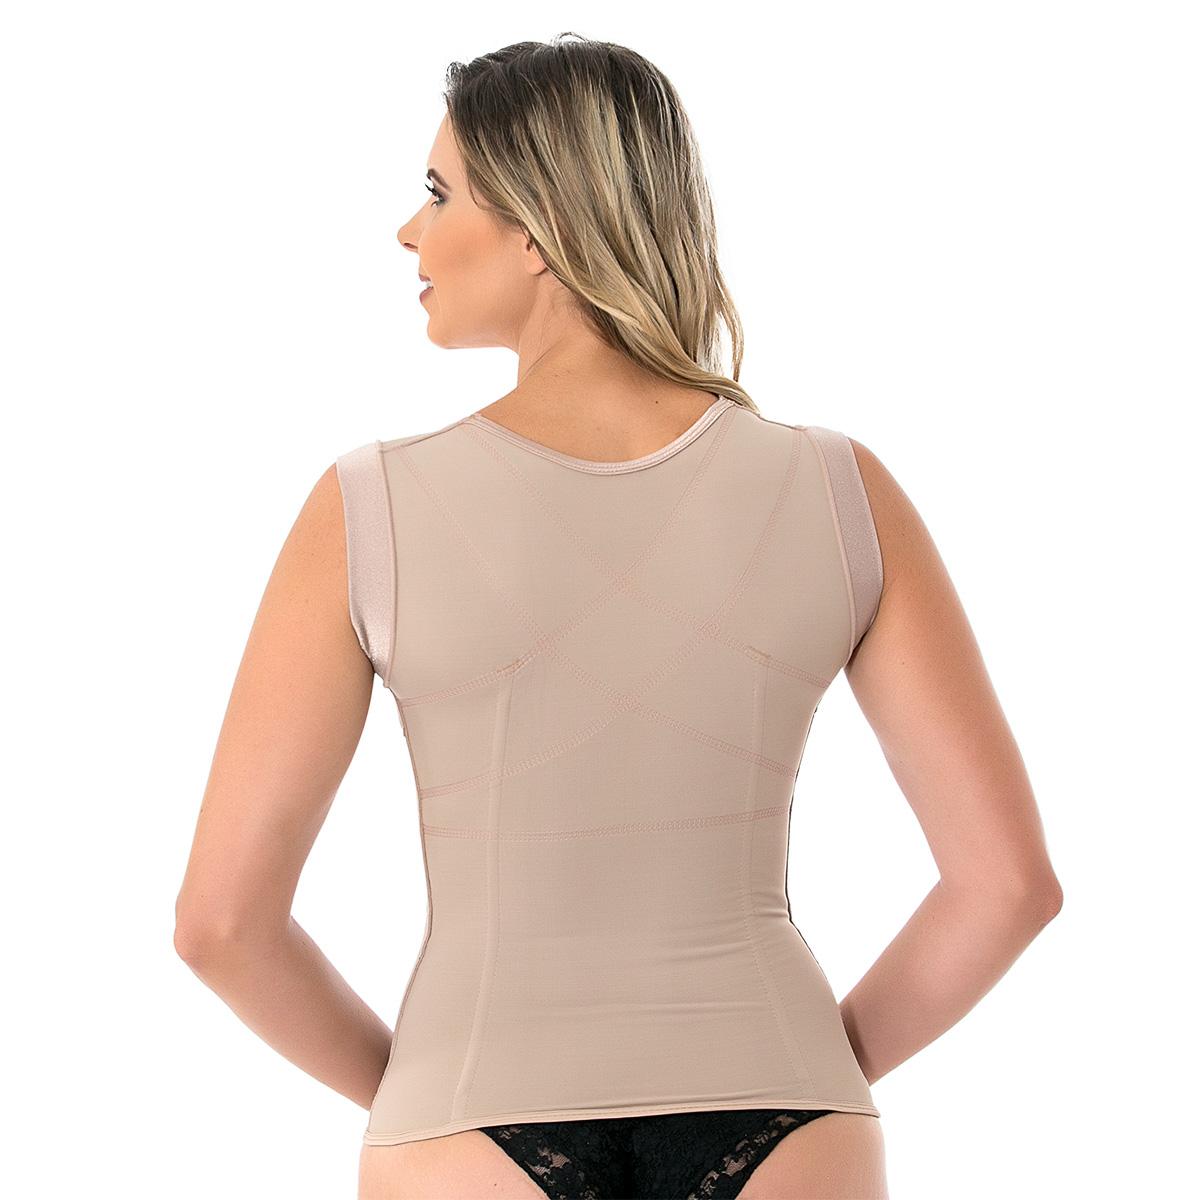 Corretor postural feminino Mabella 1260 c/ reforço costas, alça larga, 8 barbatanas sem busto. Perca medidas com a cinta  - Cinta se Nova